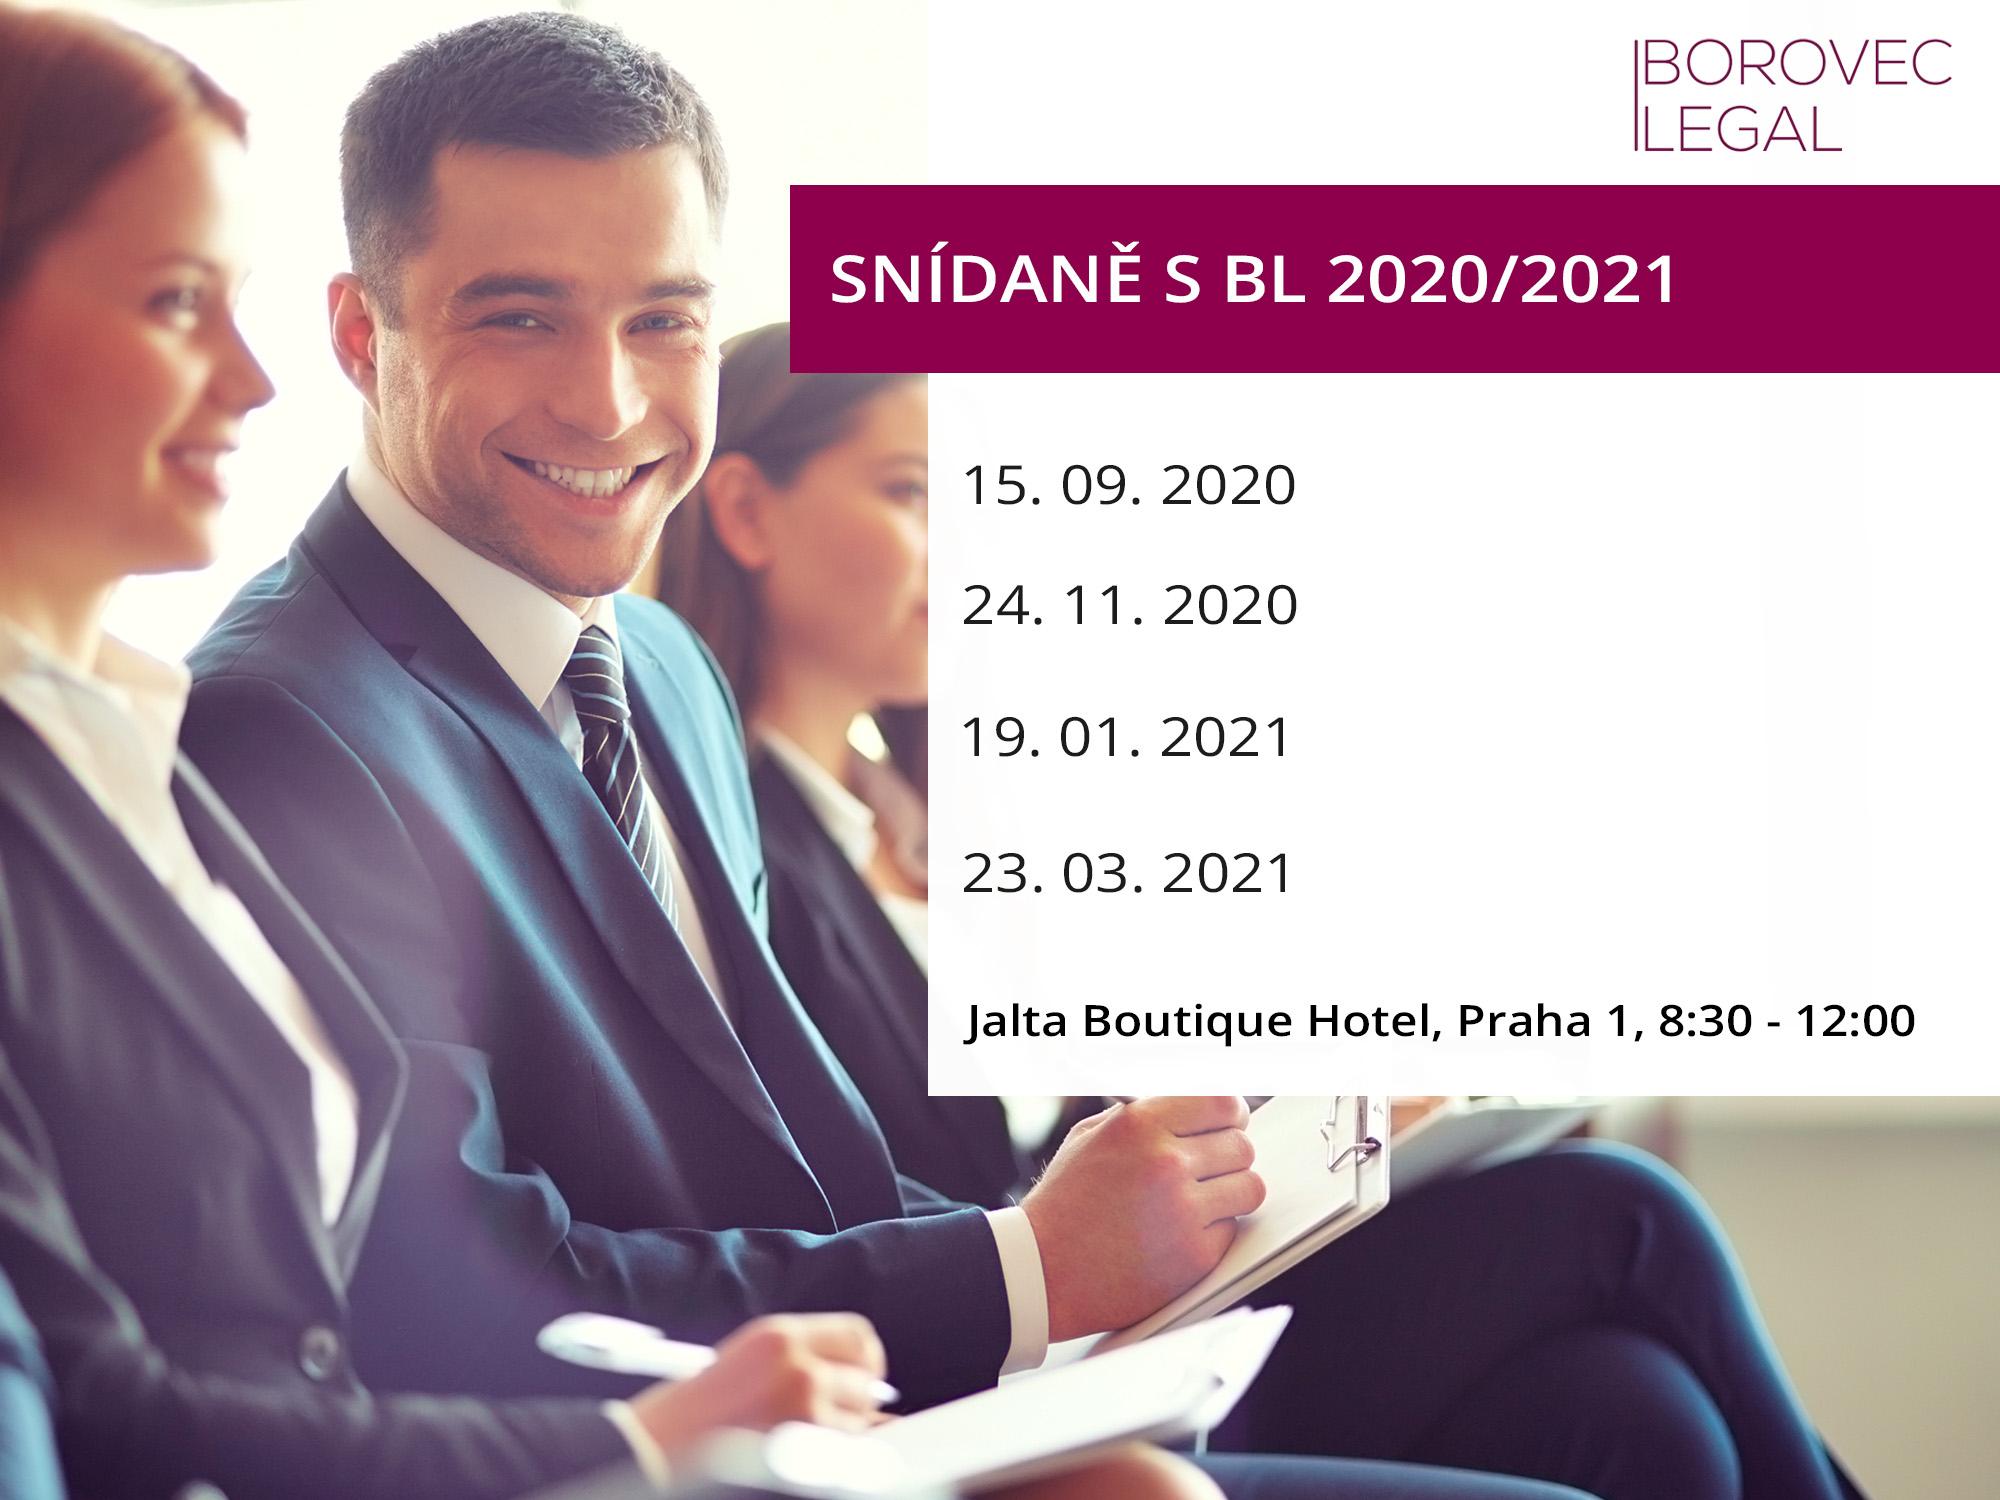 Snídaně s BOROVEC LEGAL 2020/2021 - Pracovněprávní novinky pro rok 2021